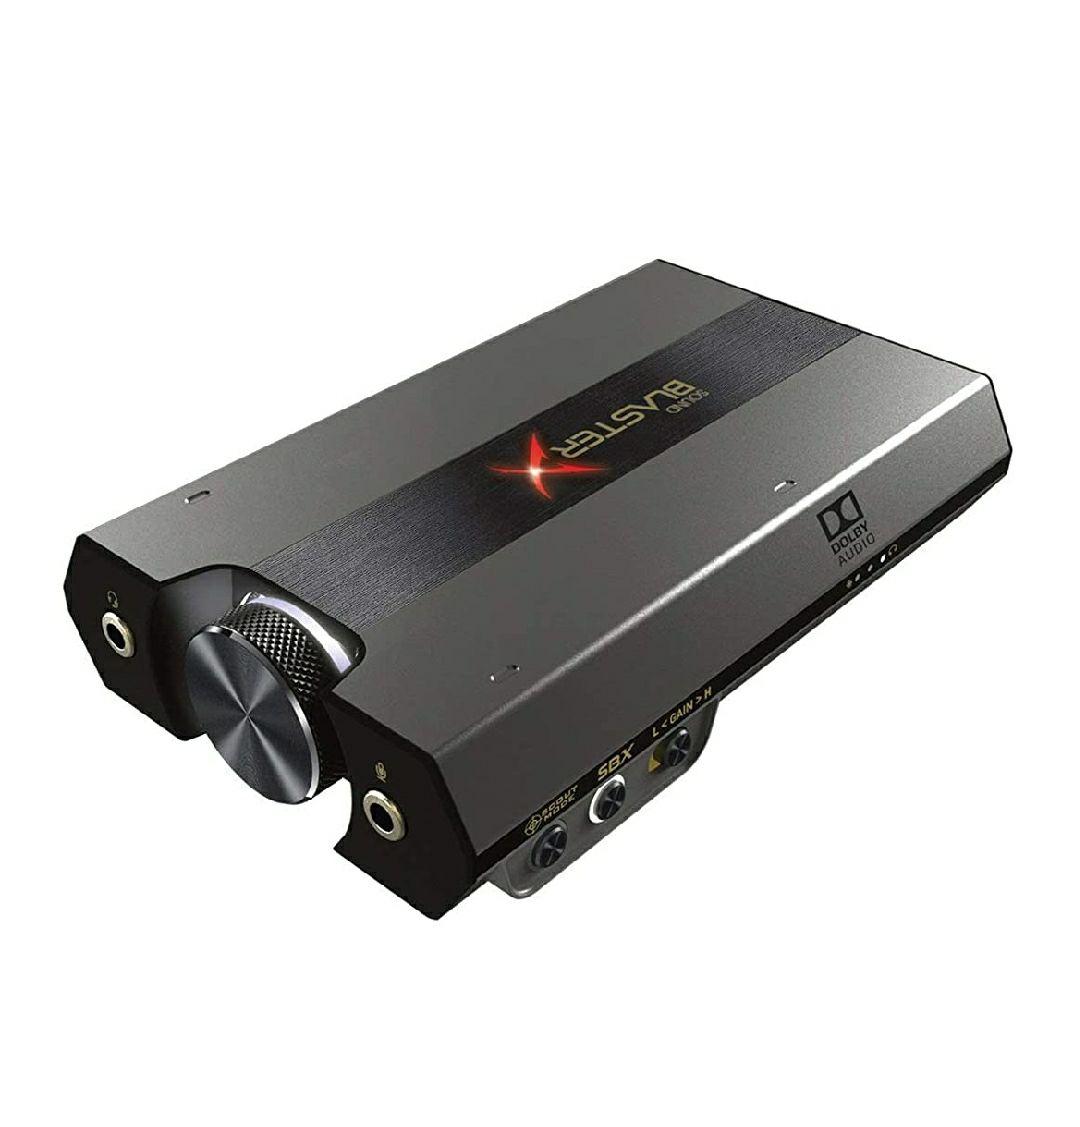 Sound BlasterX G6 HD externe Gaming-DAC- und USB-Soundkarte